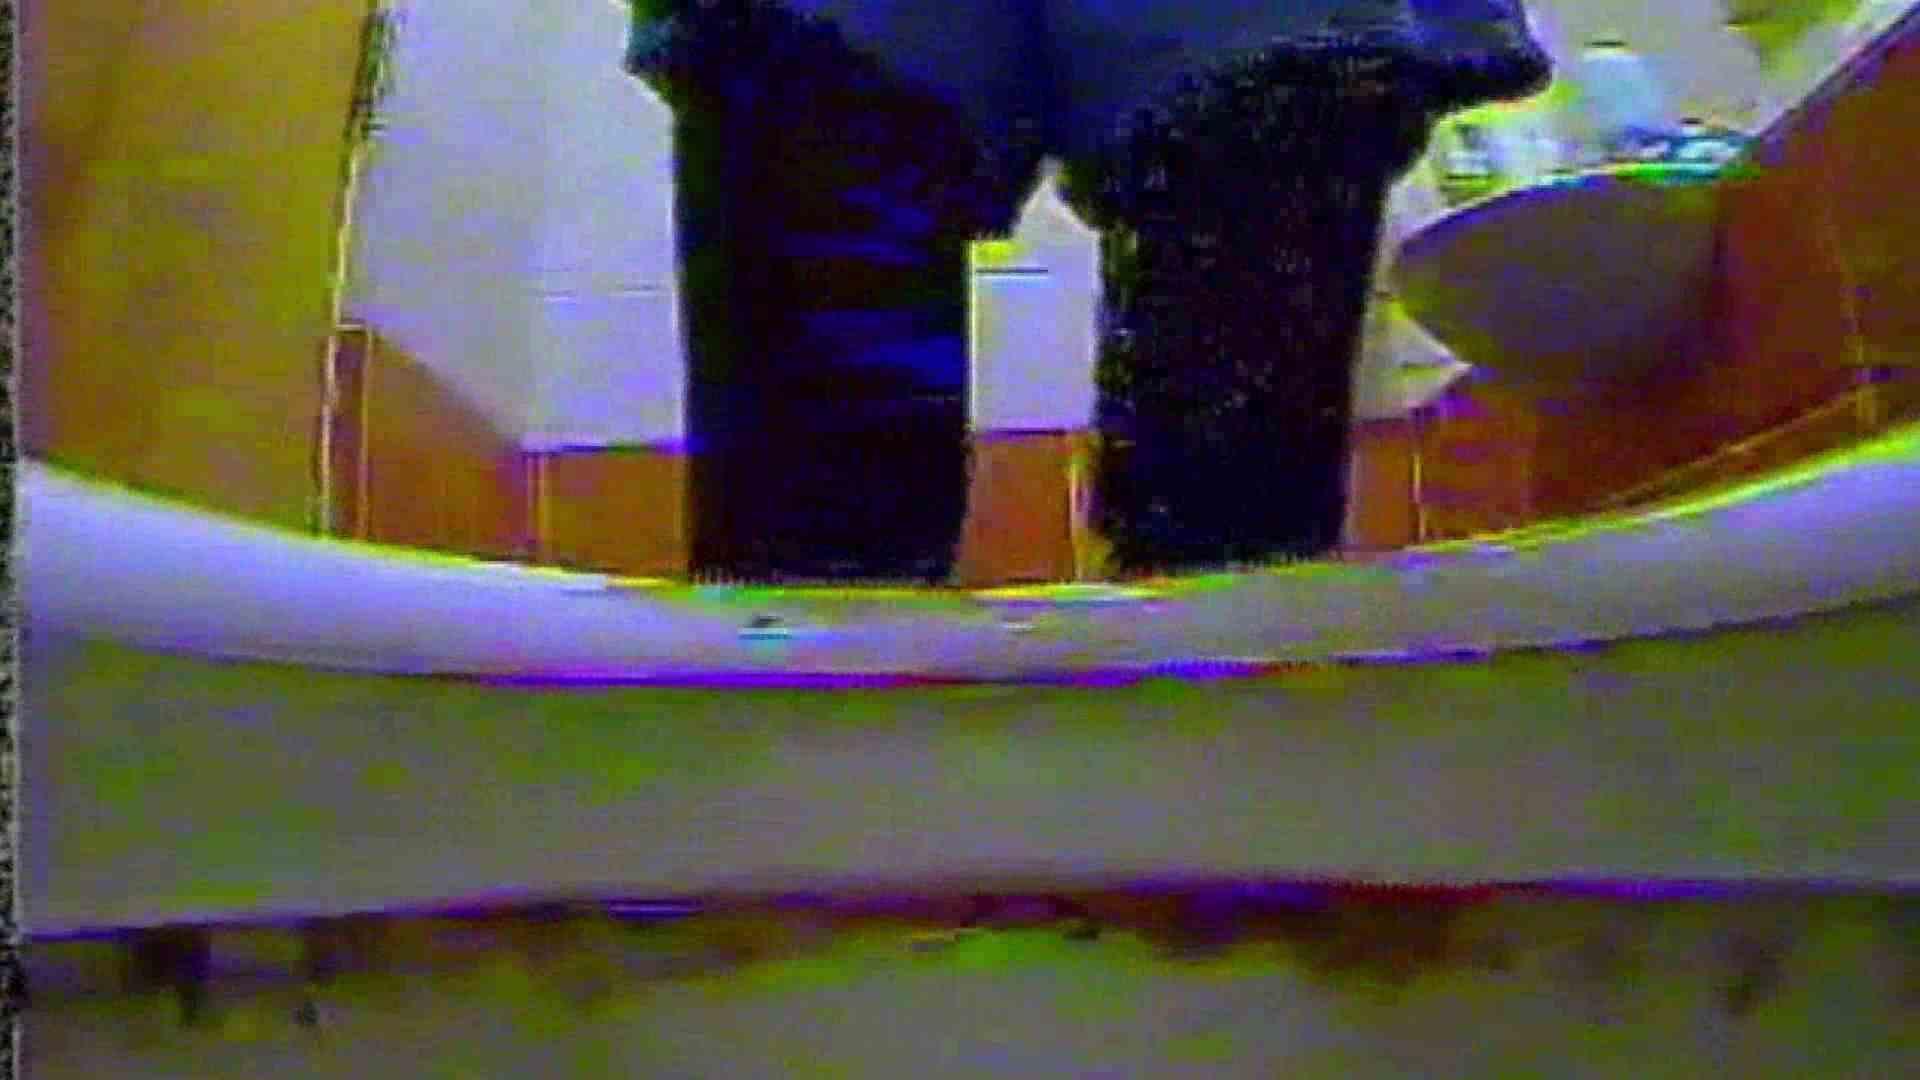 キレカワ女子大生の秘密の洗面所!Vol.049 女子大生H事情 AV動画キャプチャ 74PIX 52